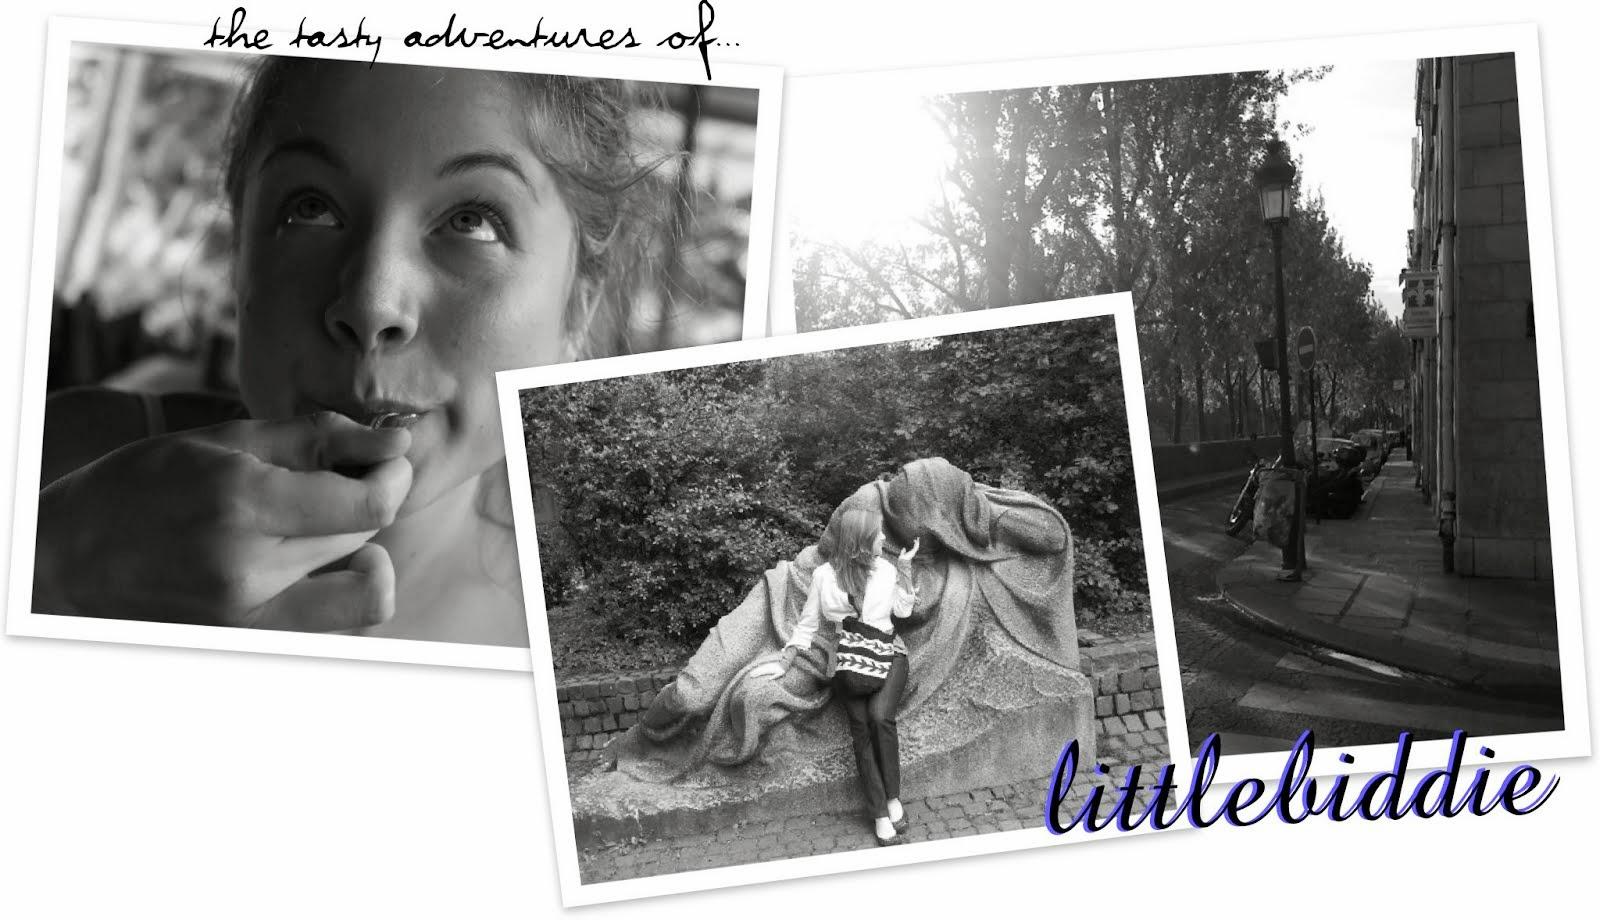 littlebiddie